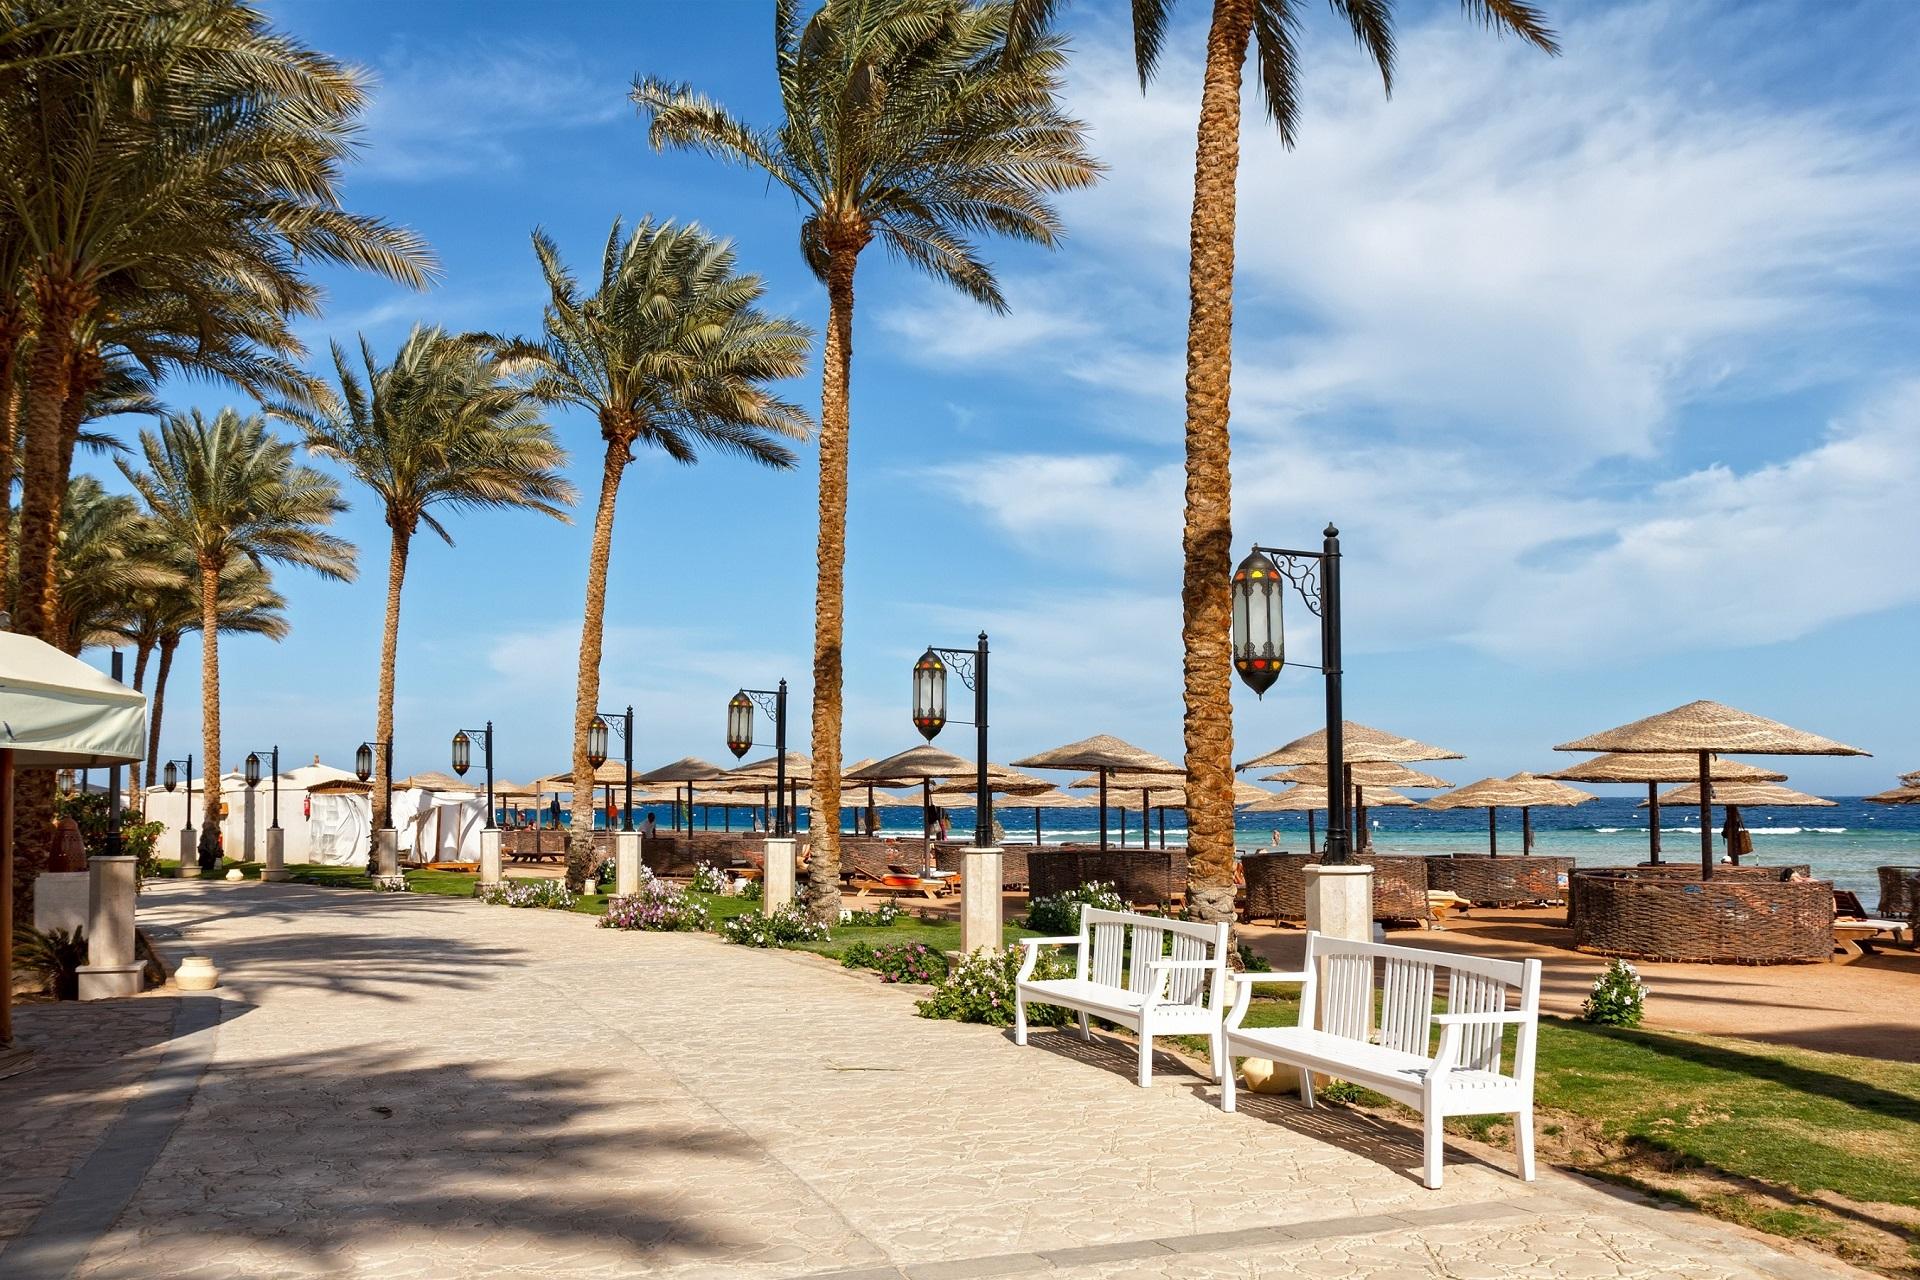 Promendade am Strand Sharm el Sheikh